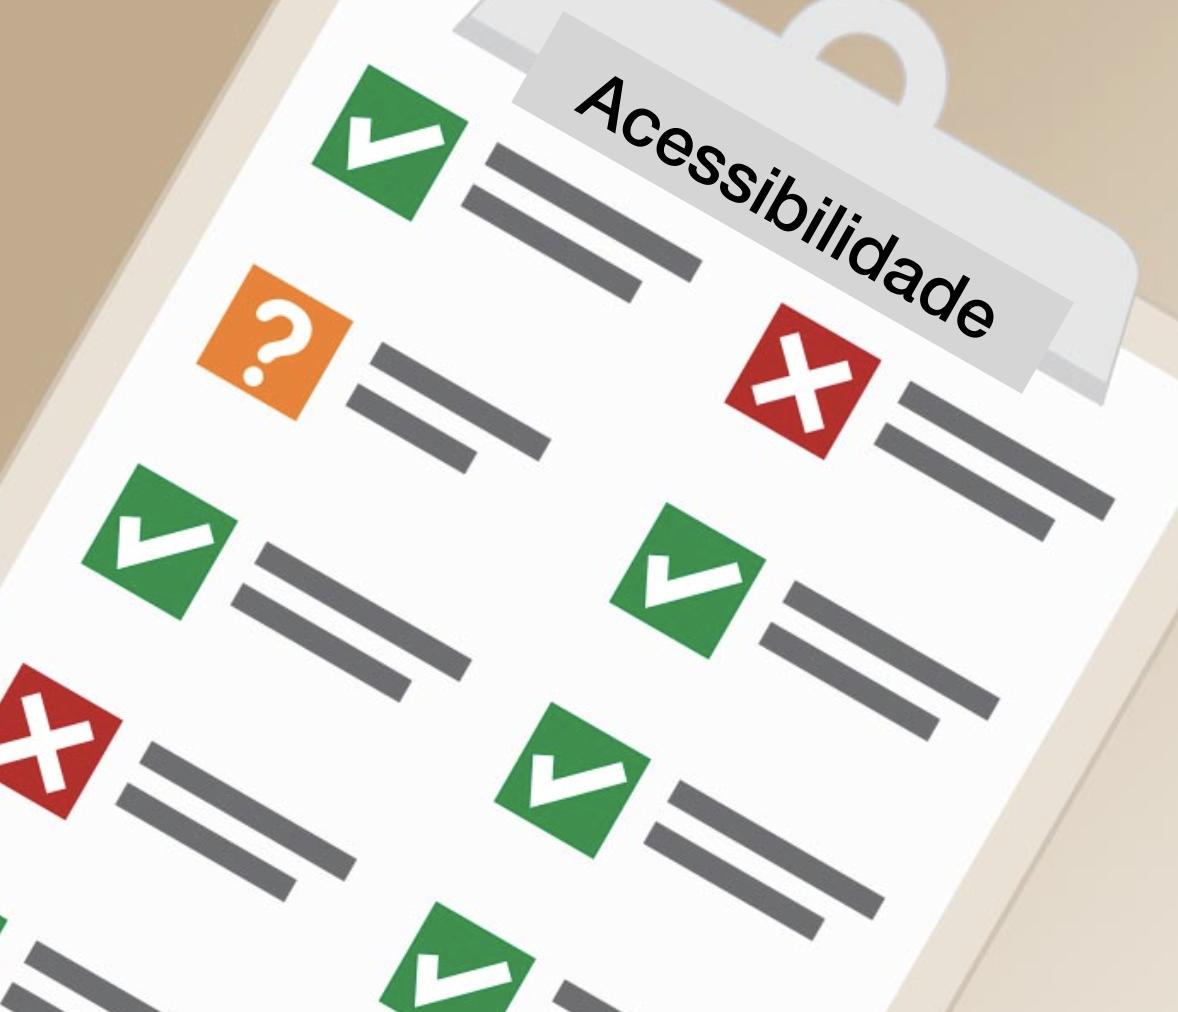 Prancheta contendo um checklist com itens marcados e outras não, com o título acessibilidade